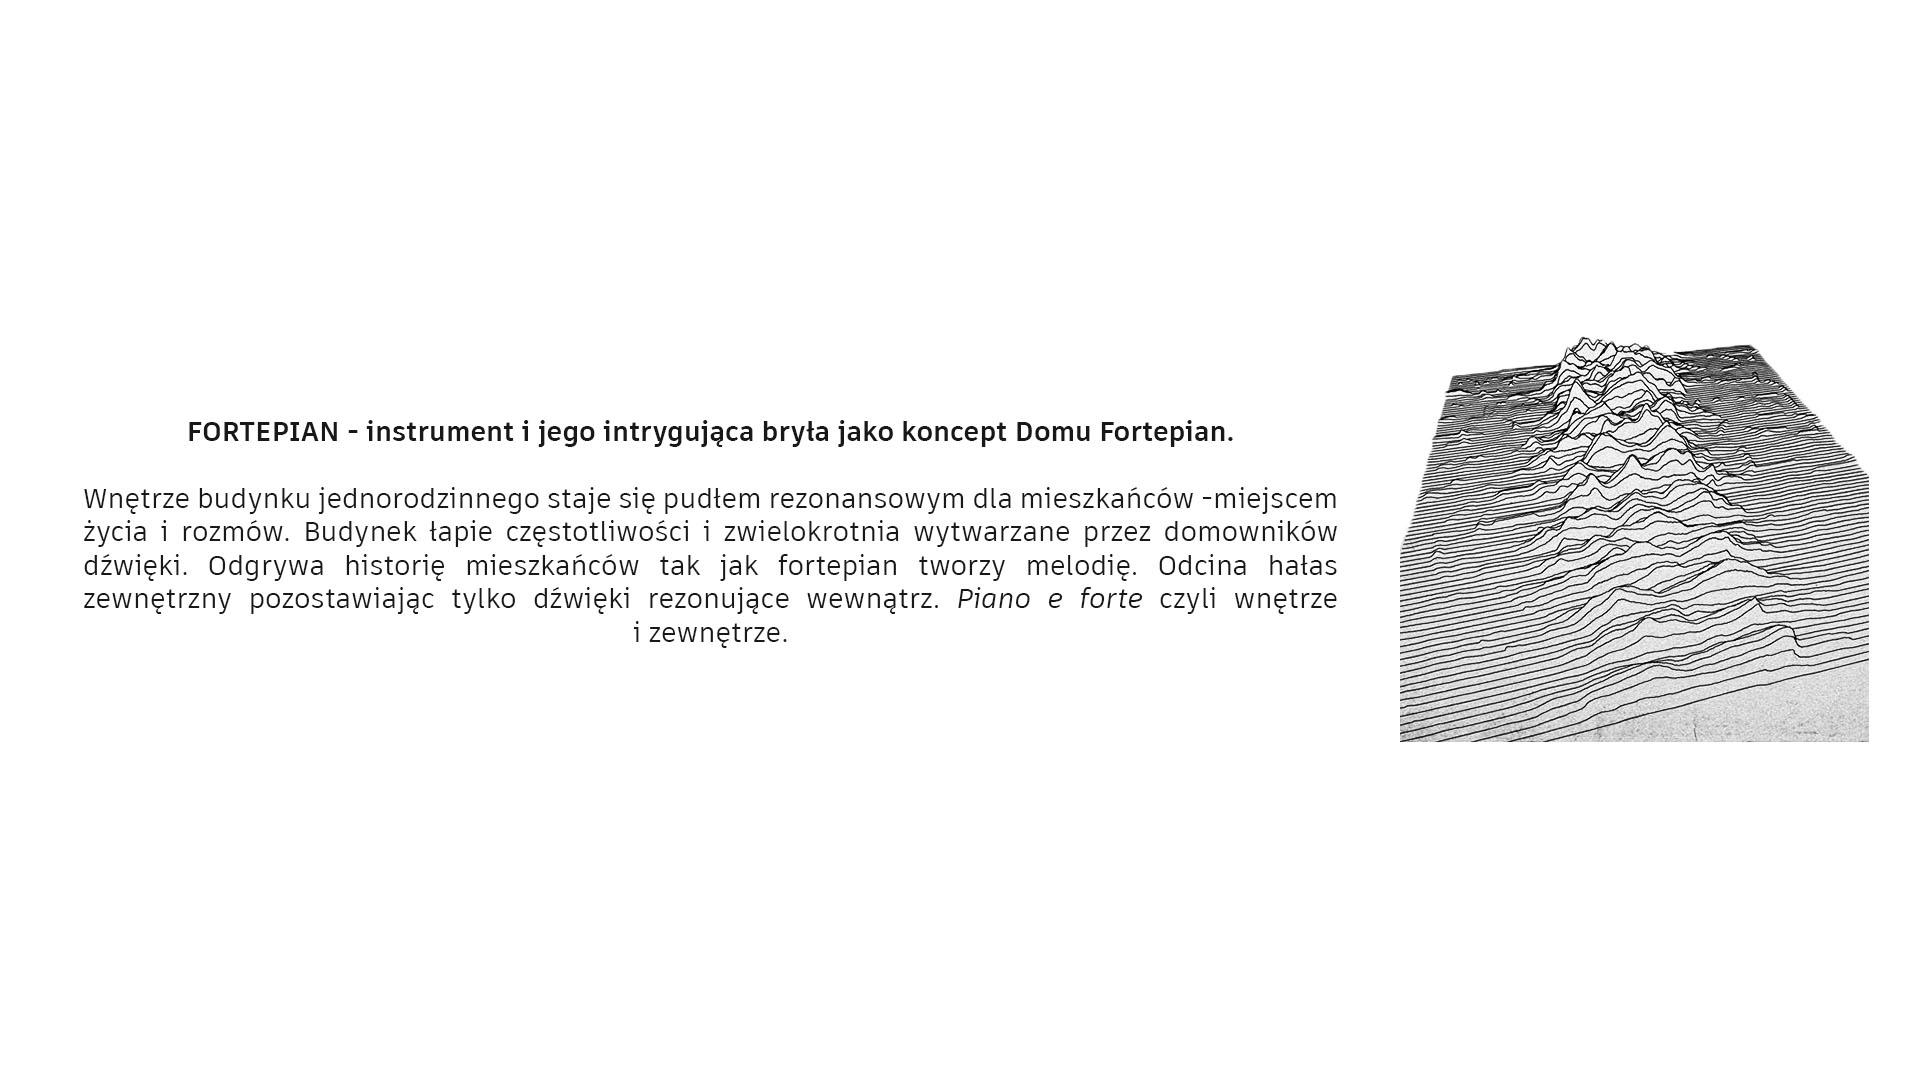 Dom Fortepian - fortepian - instrument i jego intrygująca bryła jako koncept Domu Fortepian